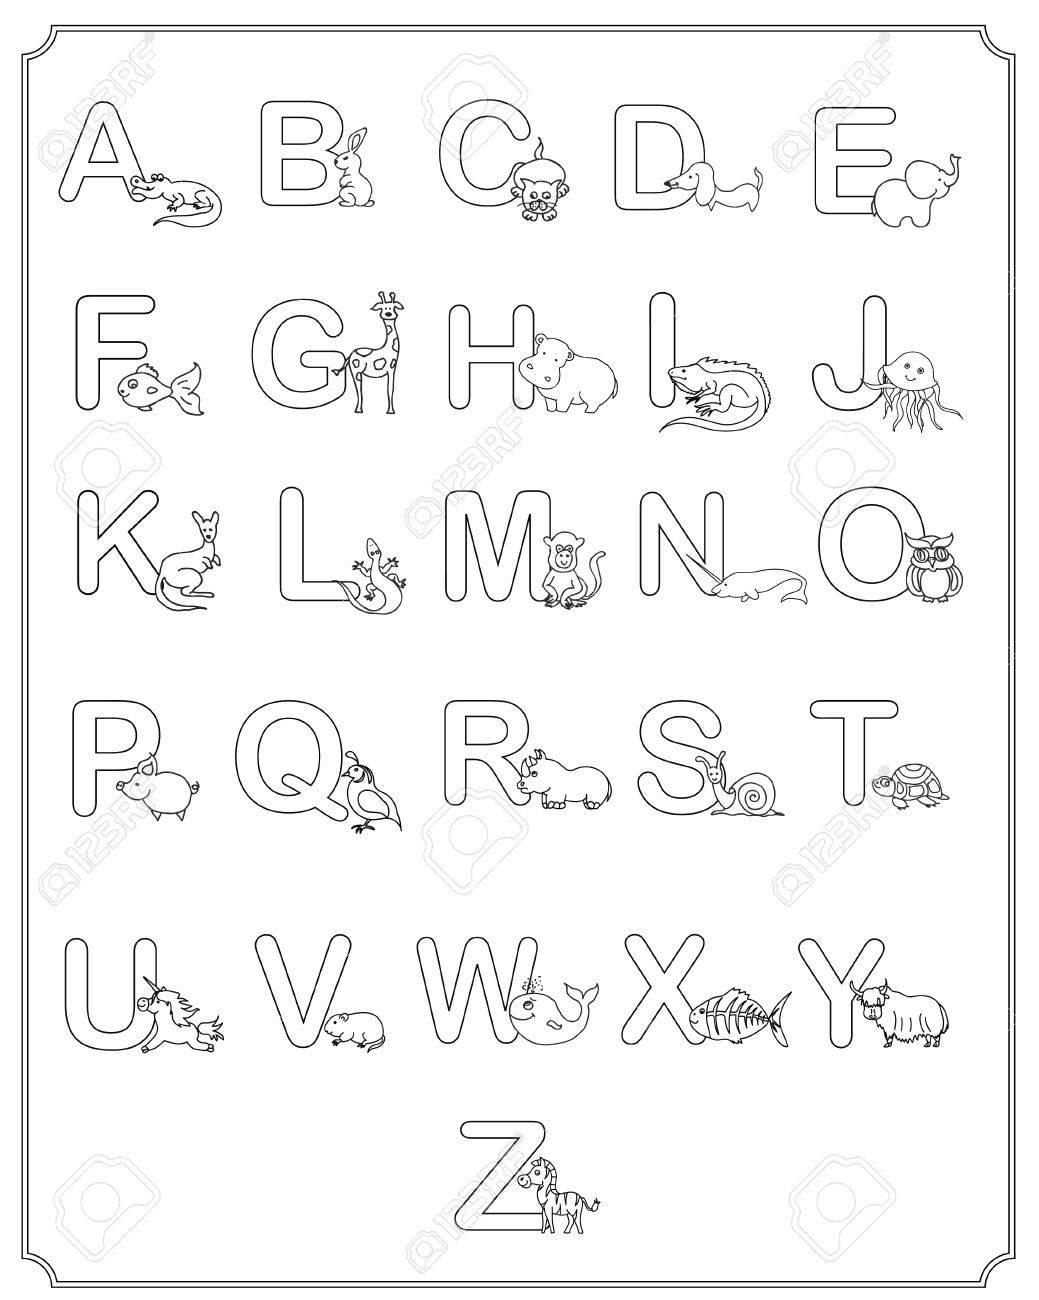 Coloriage En Alphabet.Coloriage Alphabet Bebe Animaux Abc Enfants